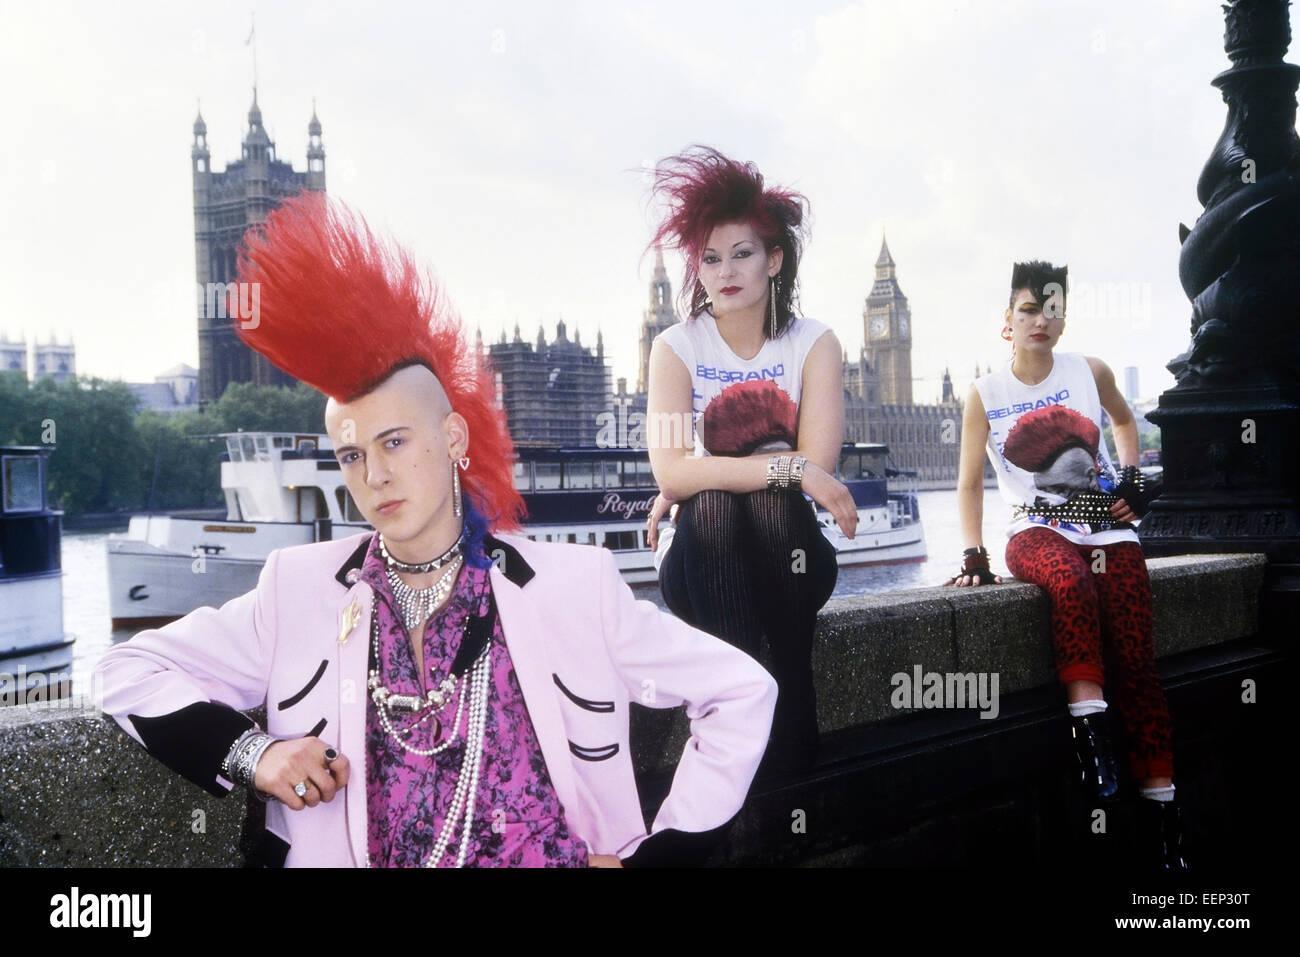 matt belgrano a 1980s punk rocker who found fame as a